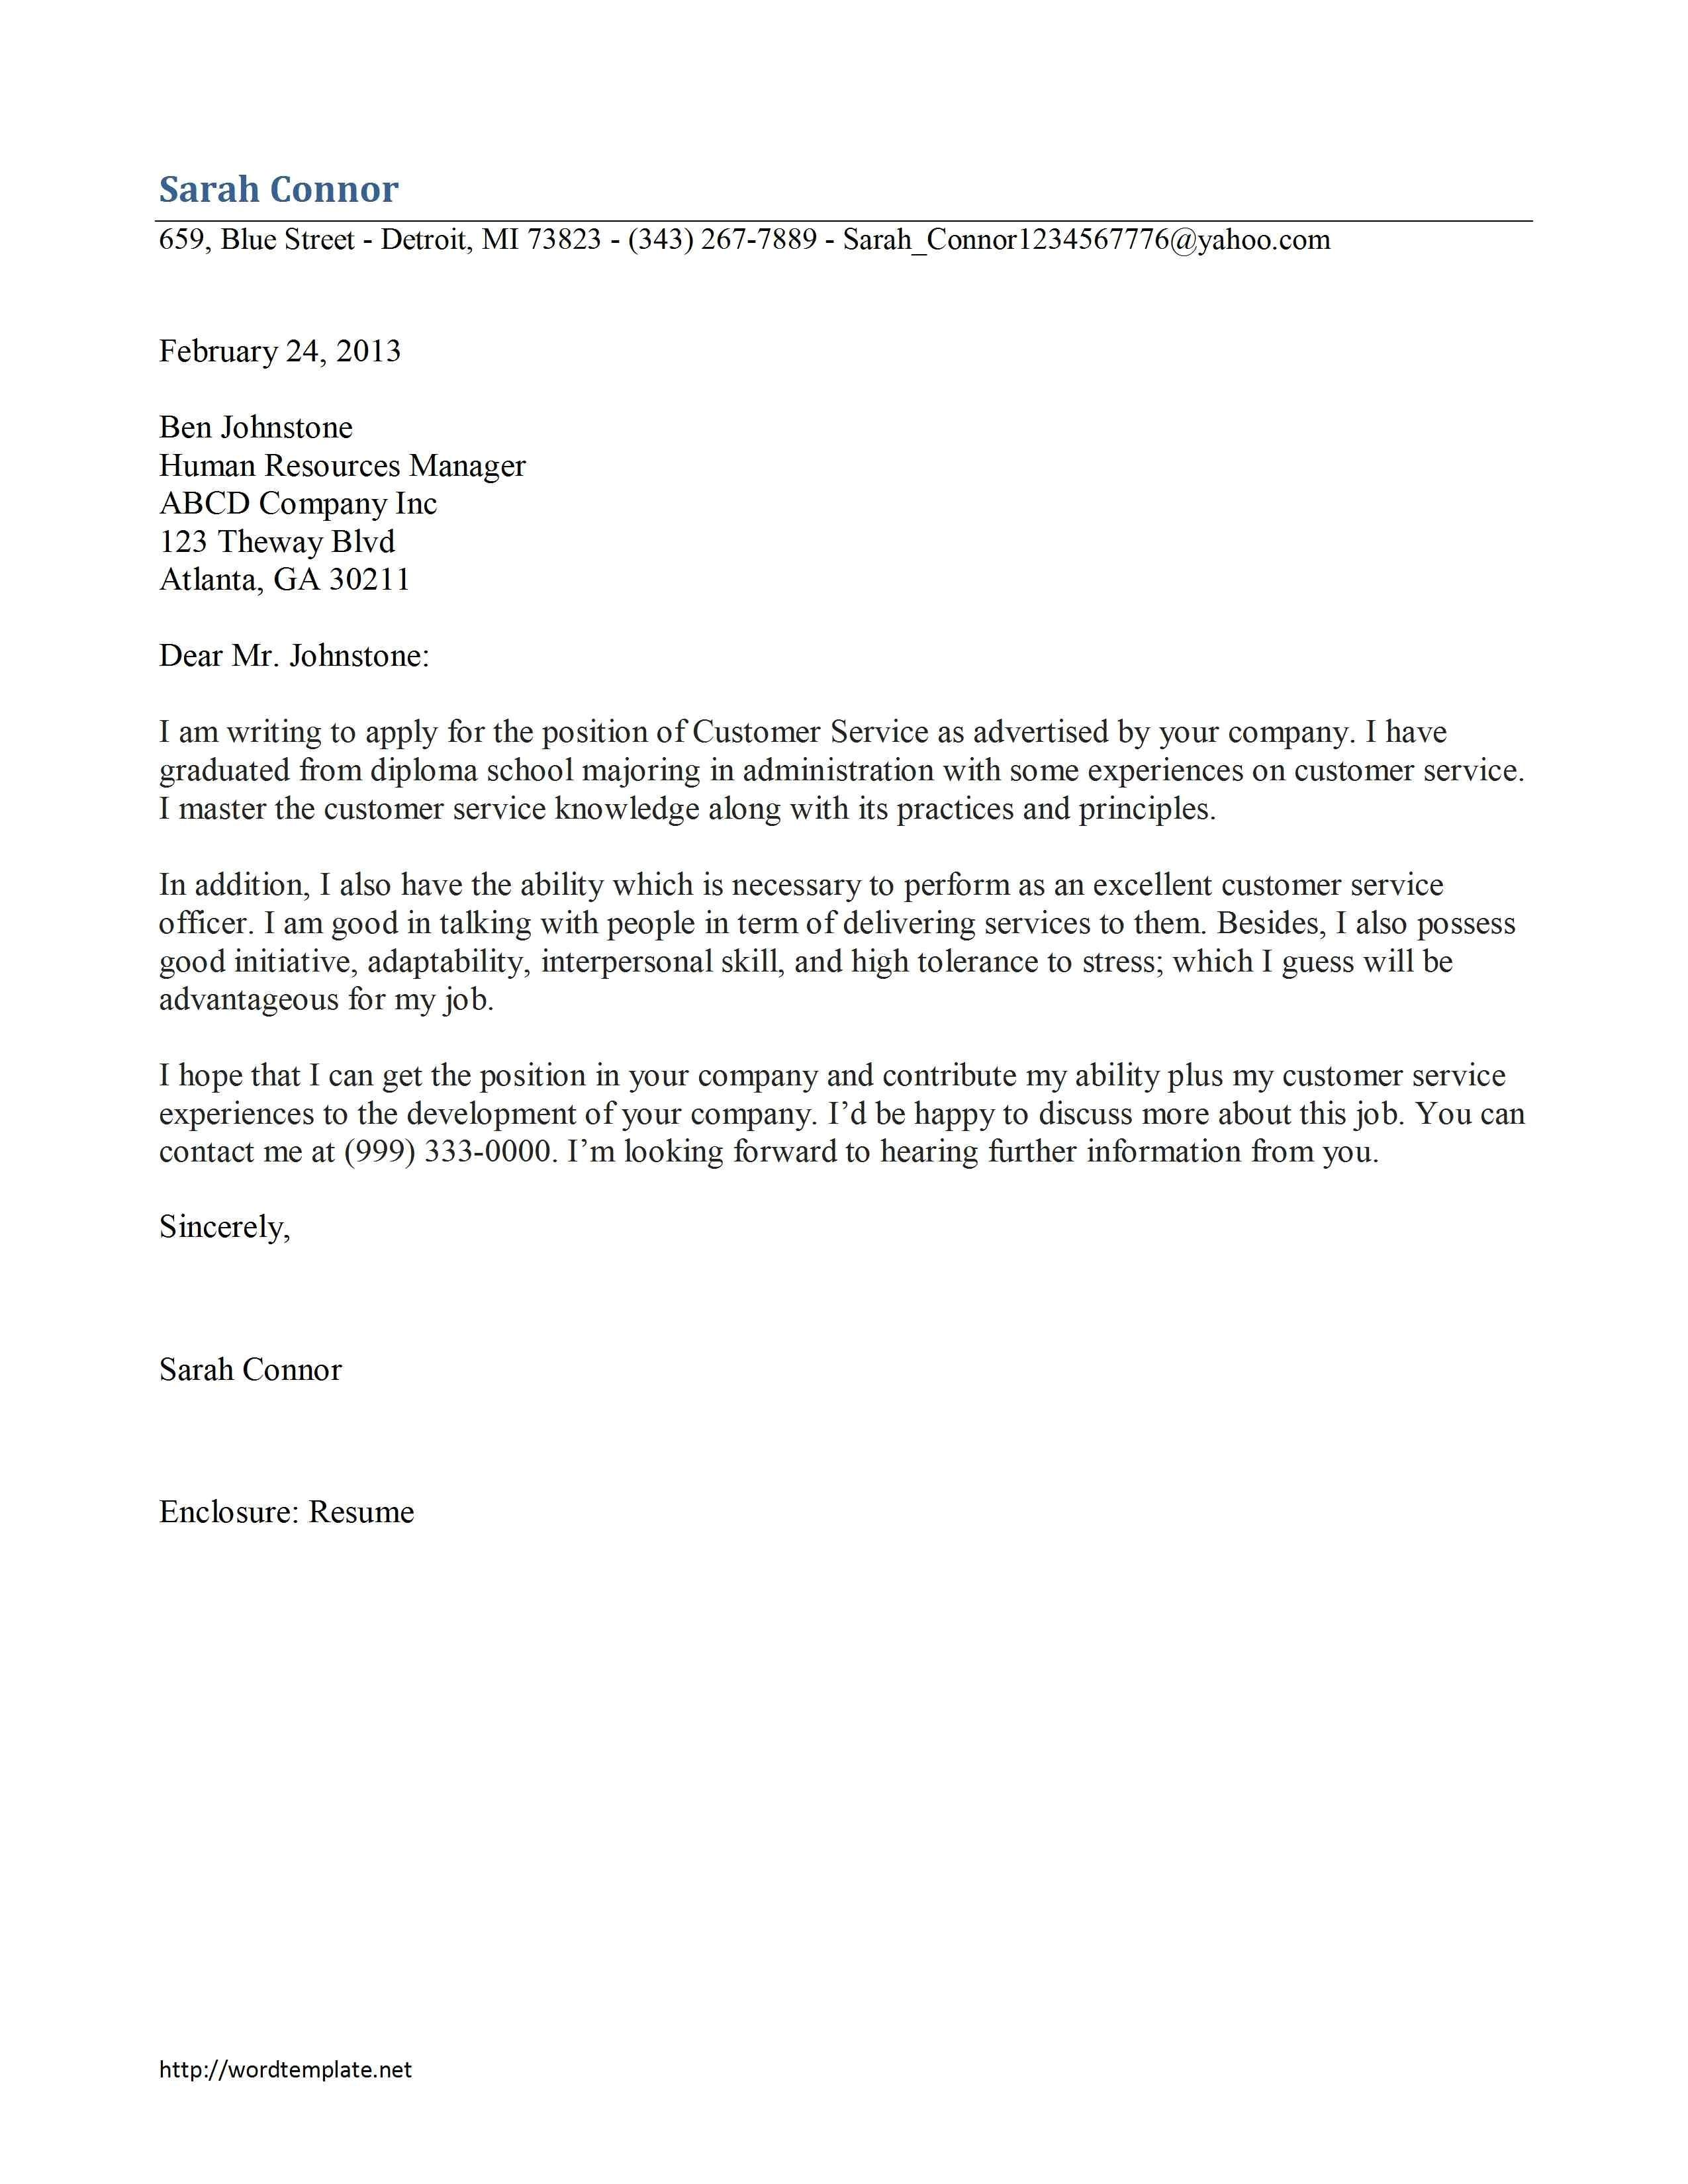 customer service cover letter sample uk